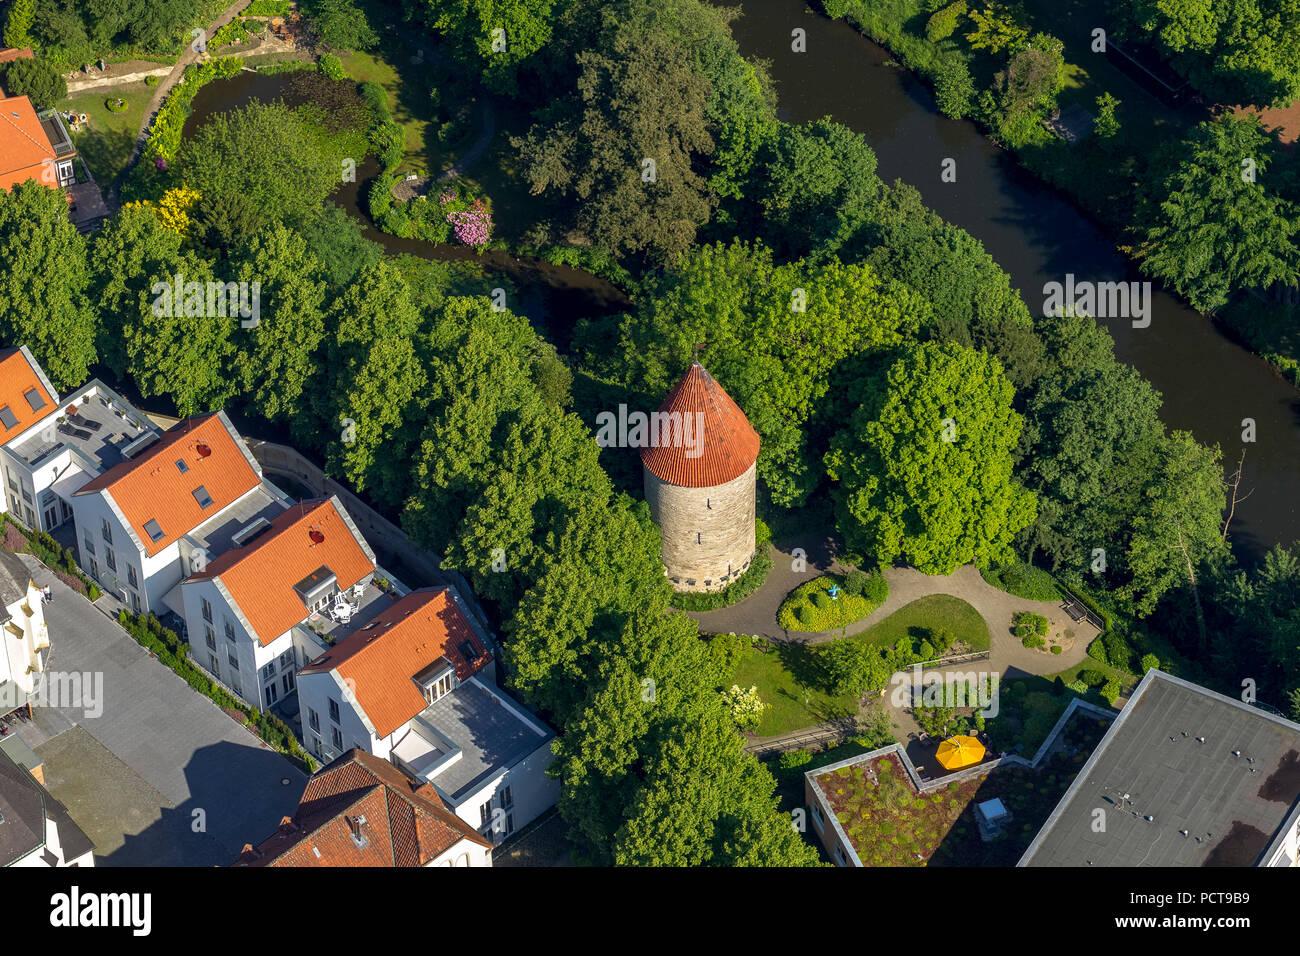 Torre de Bentheim, Warendorf (Alemania), ciudad de circunscripción Warendorf (Alemania), Renania del Norte-Westfalia, Alemania Foto de stock